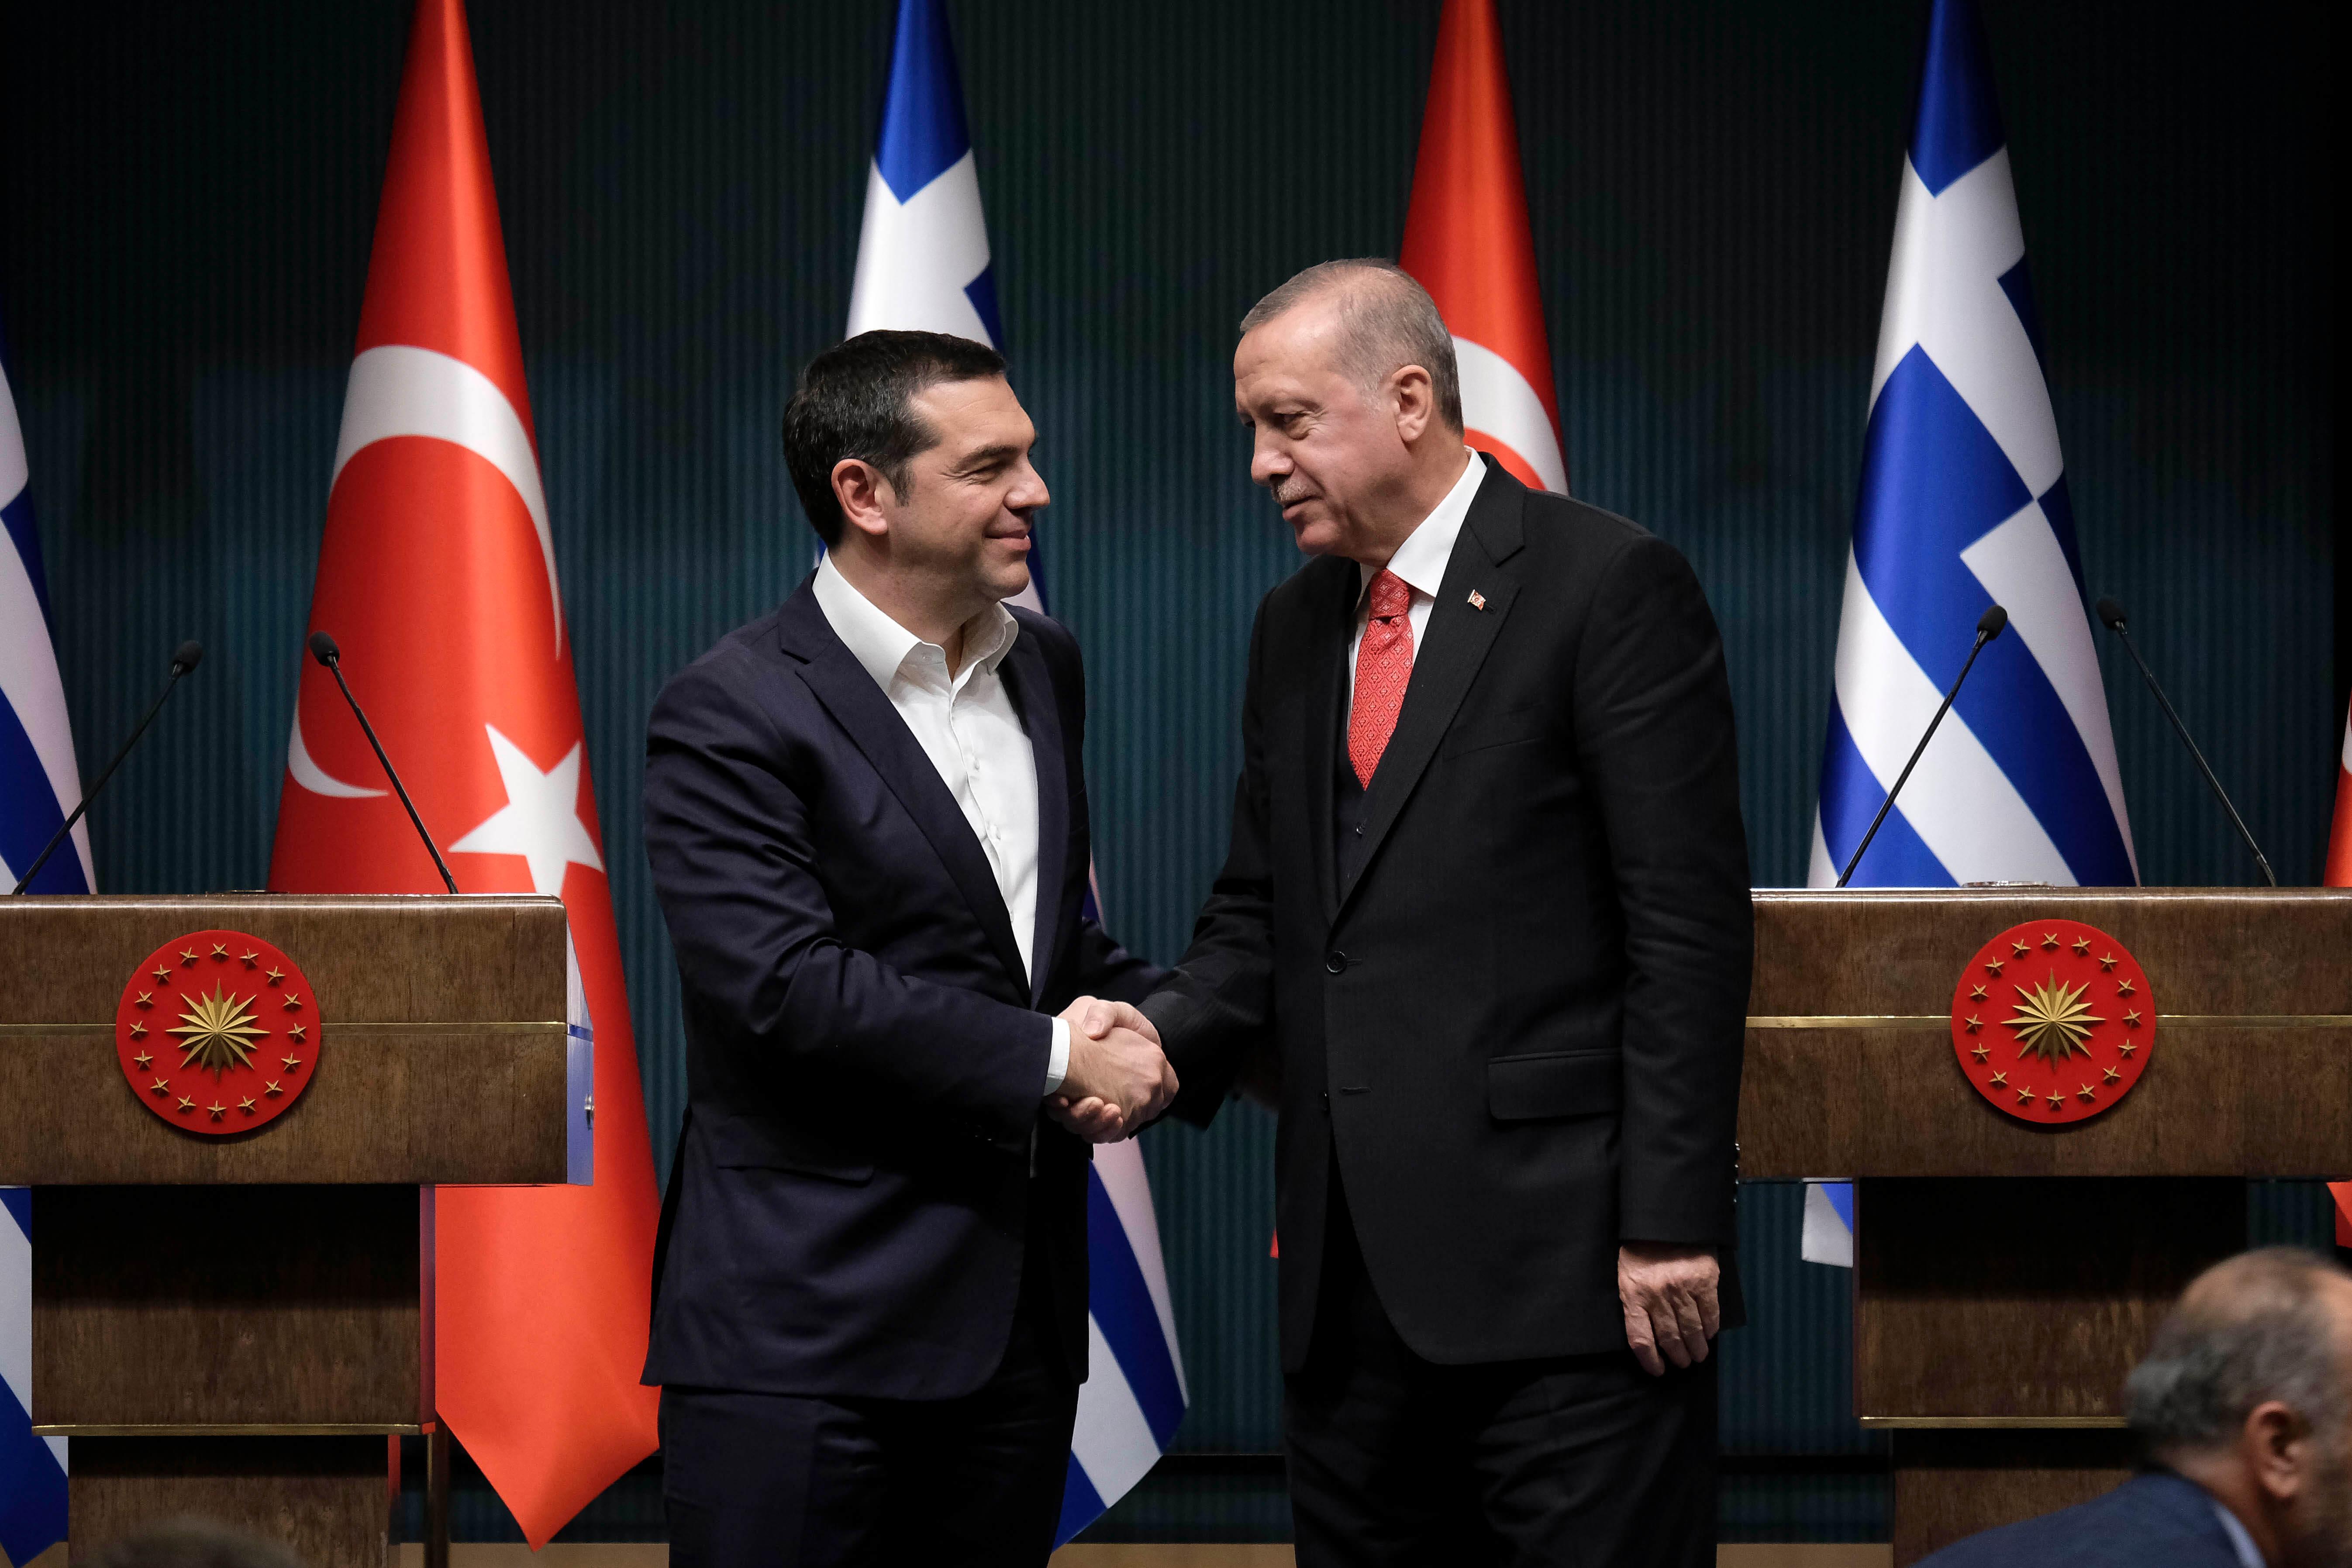 Τιμώμενη χώρα στη ΔΕΘ η Τουρκία στην 200ή επέτειο από την Επανάσταση του 1821; - Διαψεύδουν διπλωματικές πηγές